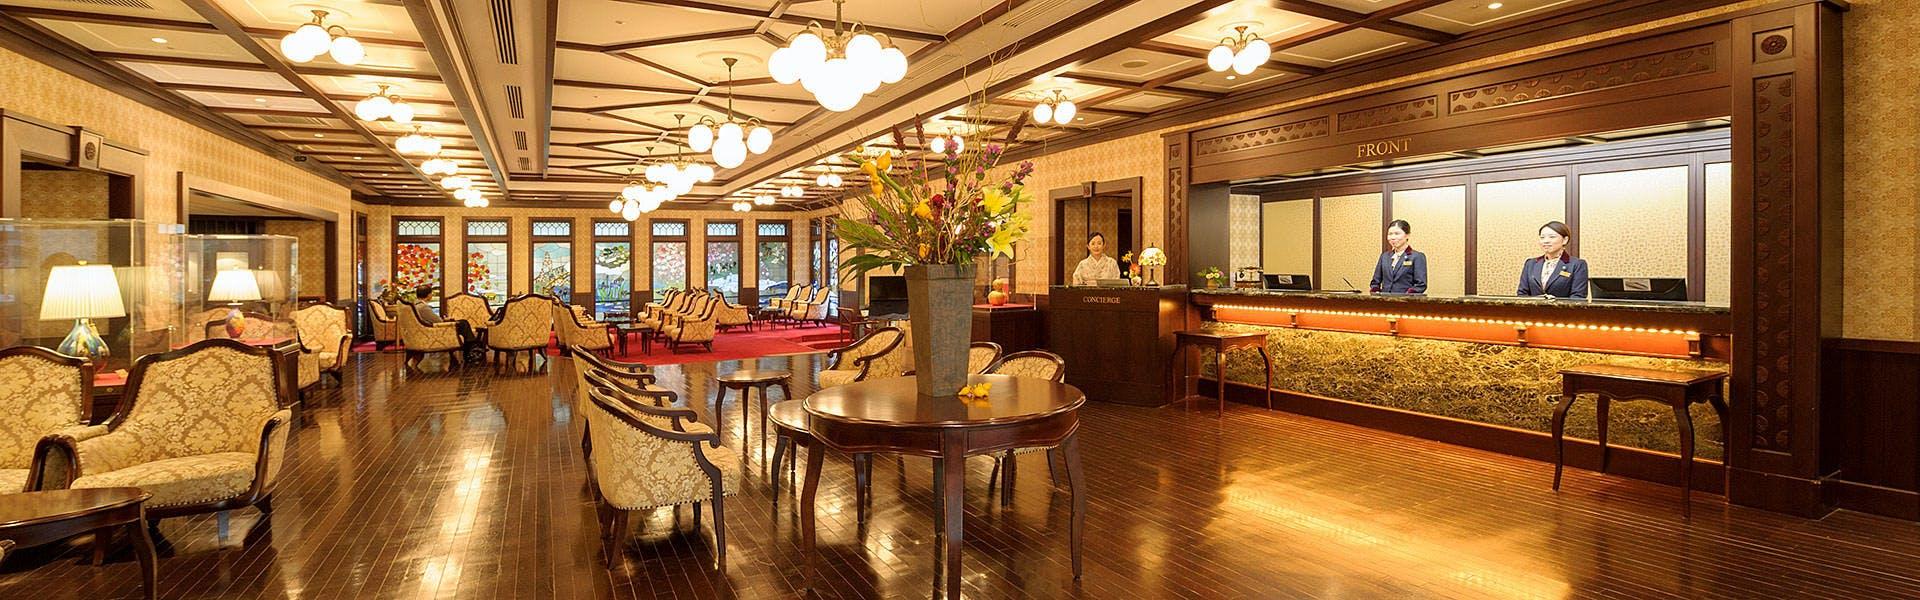 記念日におすすめのホテル・【金沢白鳥路 ホテル山楽】の写真2